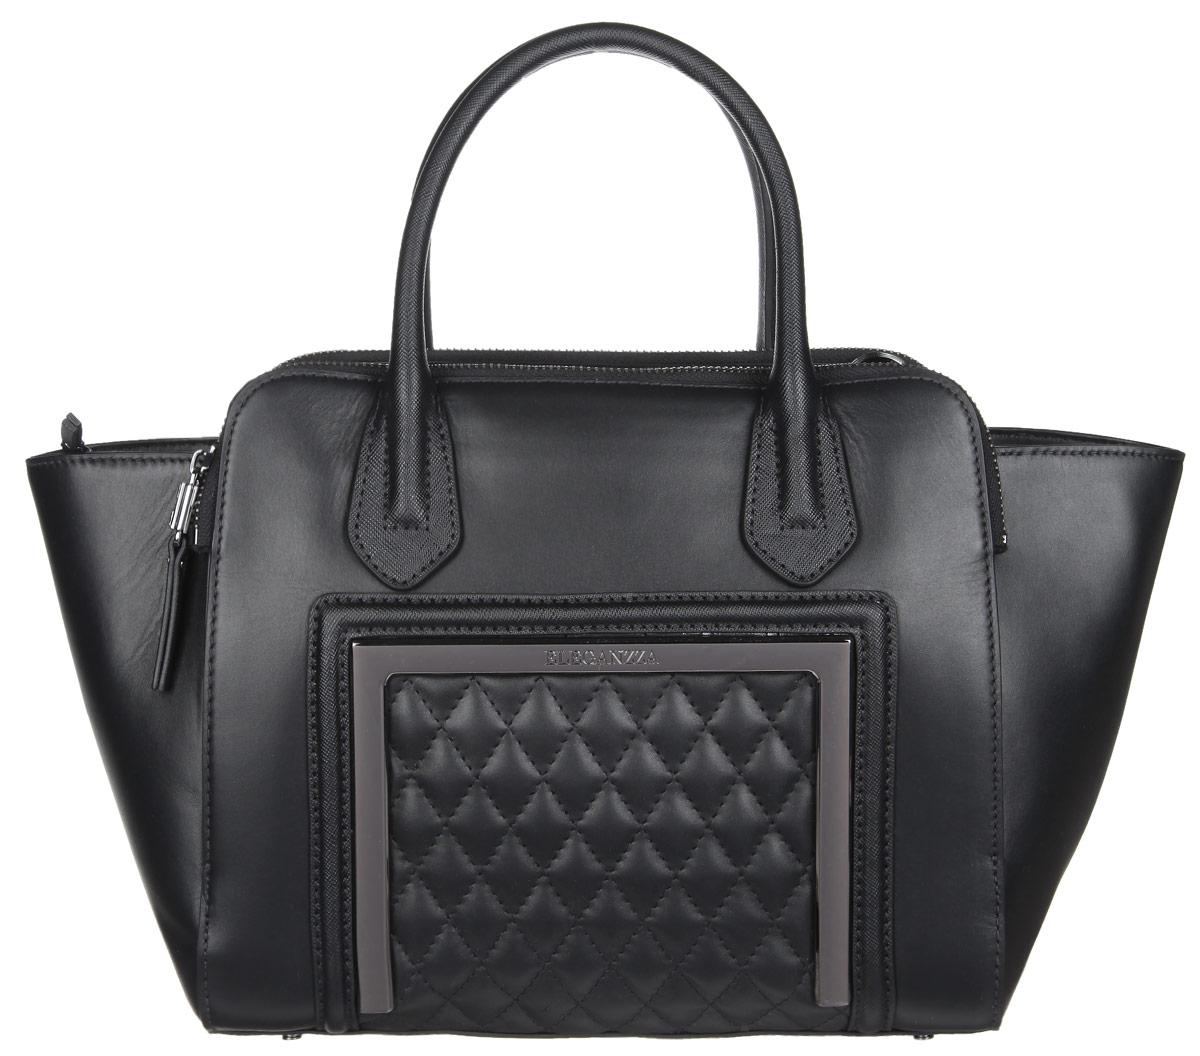 Сумка женская Eleganzza, цвет: черный. Z-14245-2Z-14245-2Стильная женская сумка Eleganzza выполнена из натуральной кожи. Изделие имеет одно основное отделение, закрывающееся на застежку-молнию. Внутри находится прорезной карман на застежке-молнии и два открытых накладных кармашка. Снаружи, на задней и передней стенках расположены накладные карманы на застежках-молниях. Сумка оснащена двумя удобными ручками. В комплект входит съемный плечевой ремень, который регулируется по длине, и фирменный чехол для хранения. Основание изделия защищено от повреждений металлическими ножками. Дизайн сумки позволит вам подчеркнуть свою индивидуальность, и сделает ваш образ изысканным и завершенным.